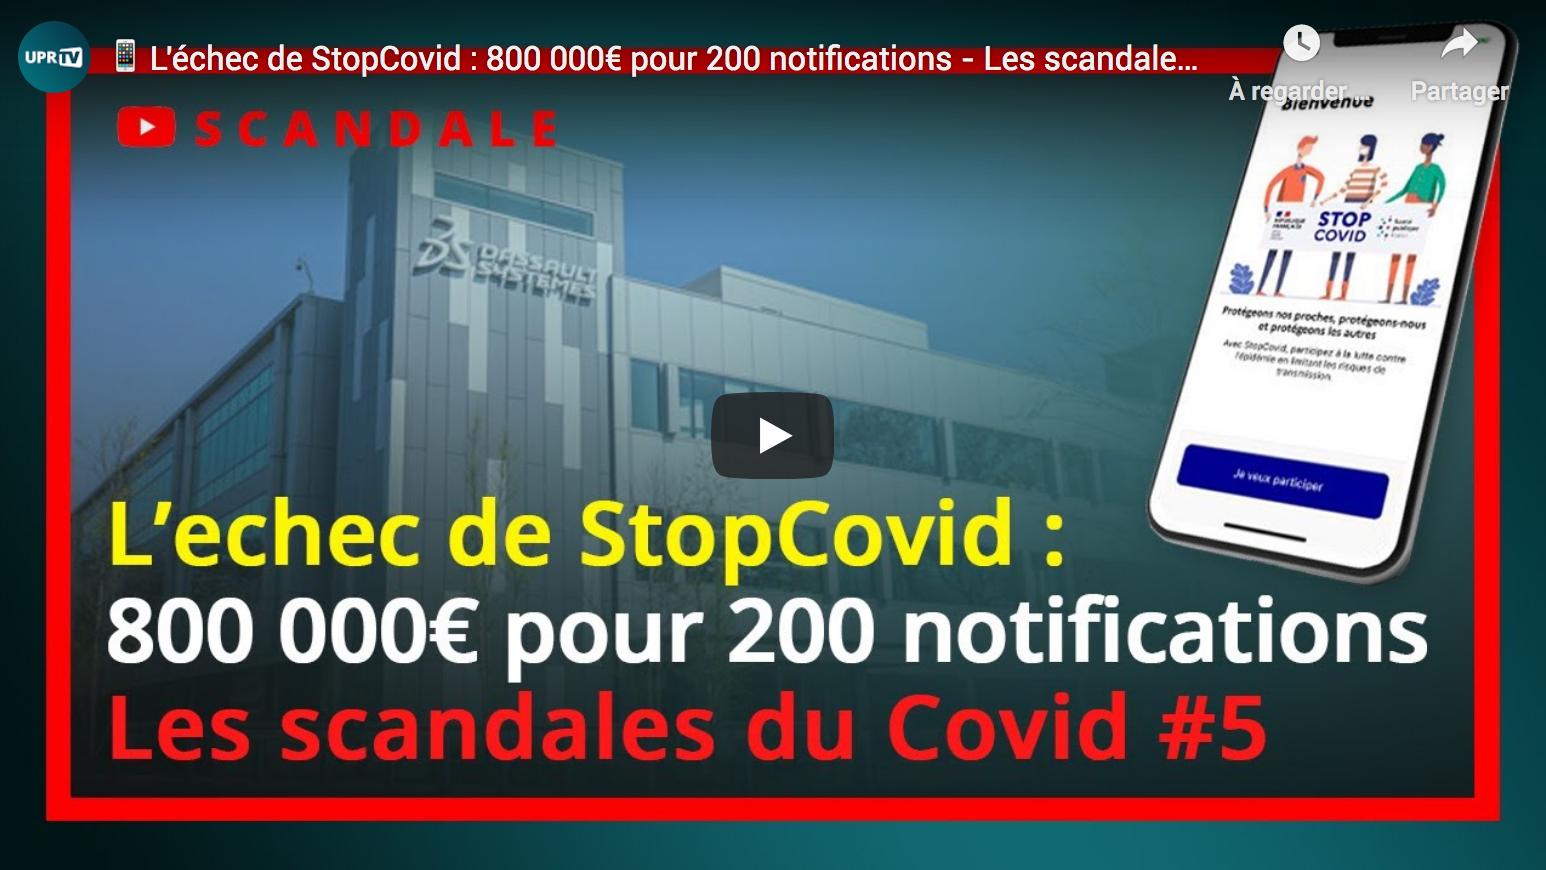 François Asselineau : L'échec de StopCovid, 800 000€ pour 200 notifications… (Les scandales du Covid #5)